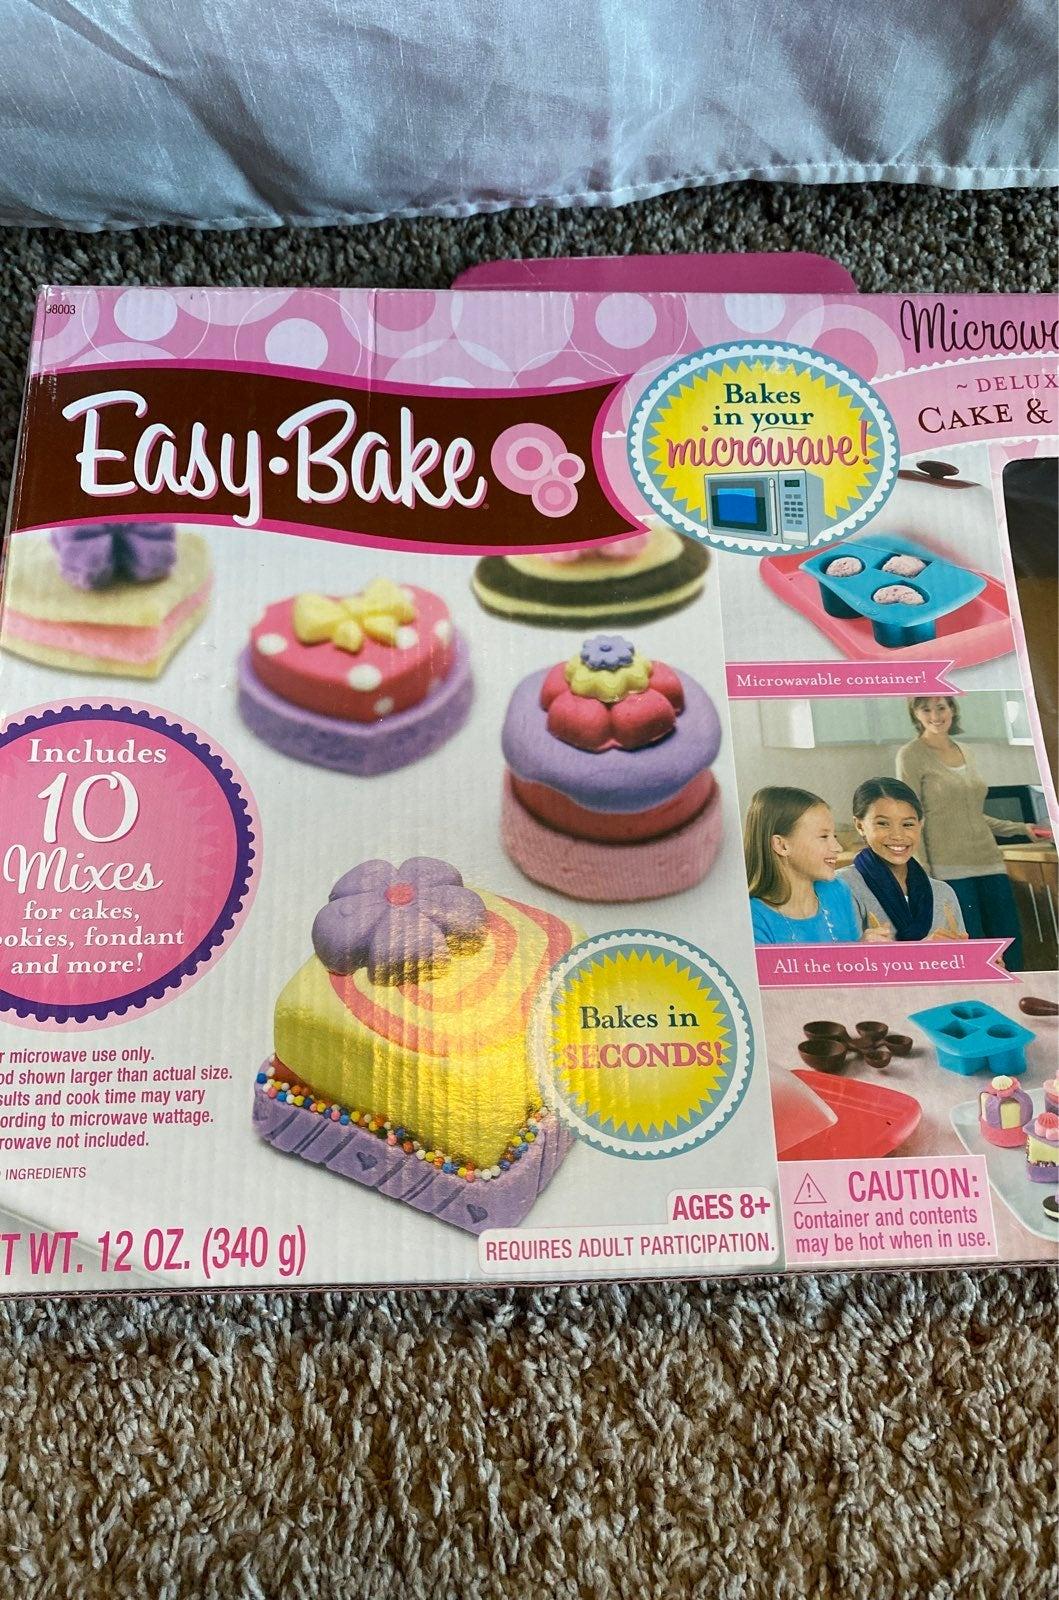 Easy Bake Oven Cake & Cookie Kit